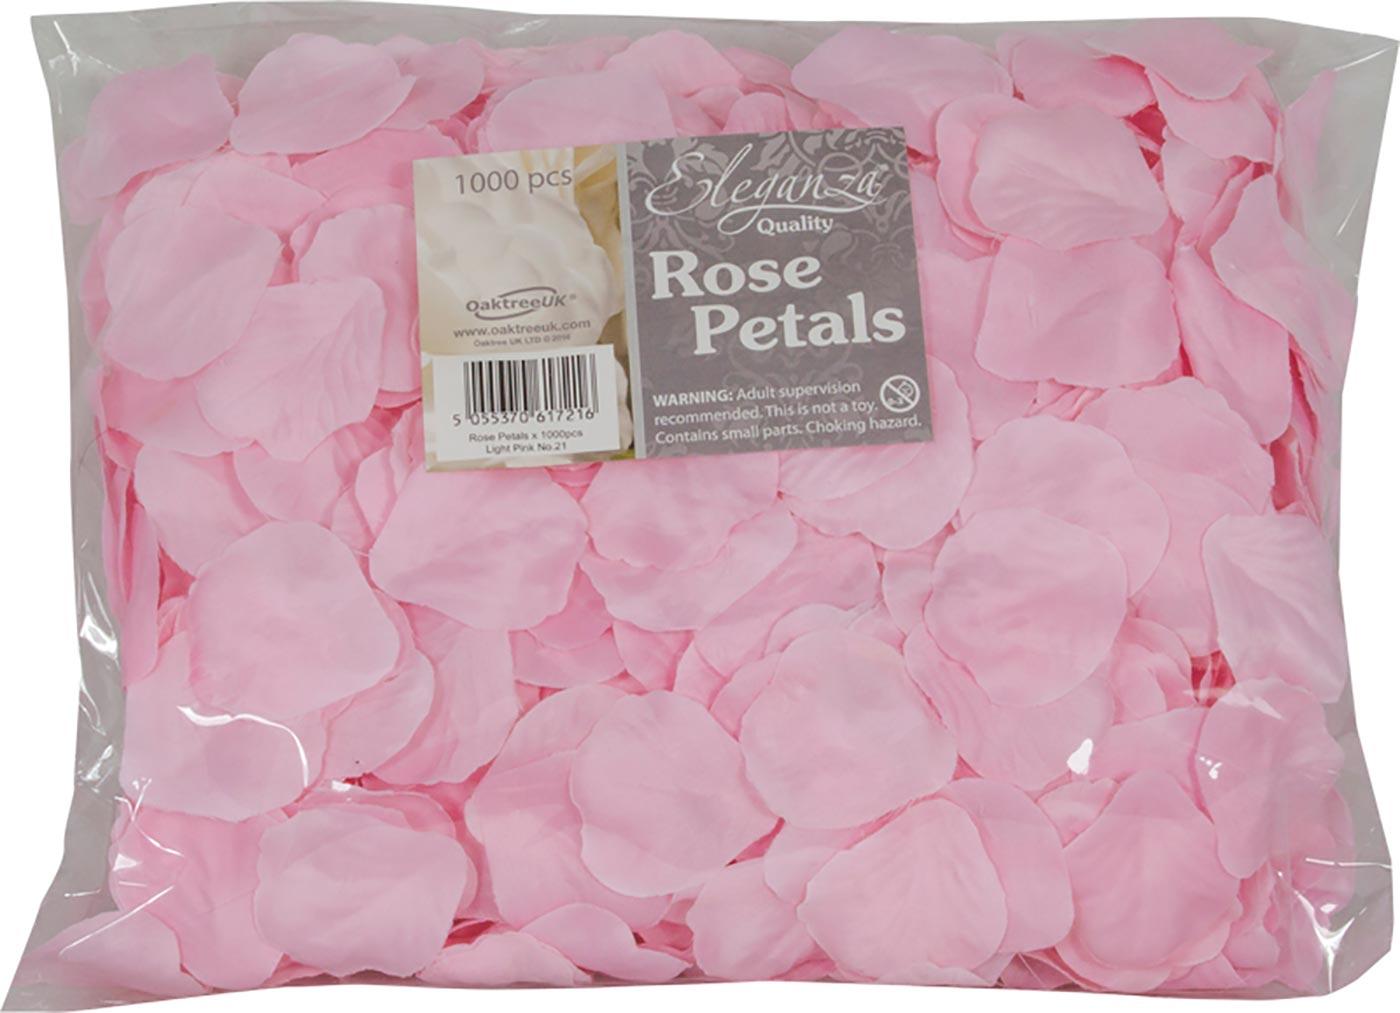 Eleganza Rose Petals x 1000pcs Lt. Pink